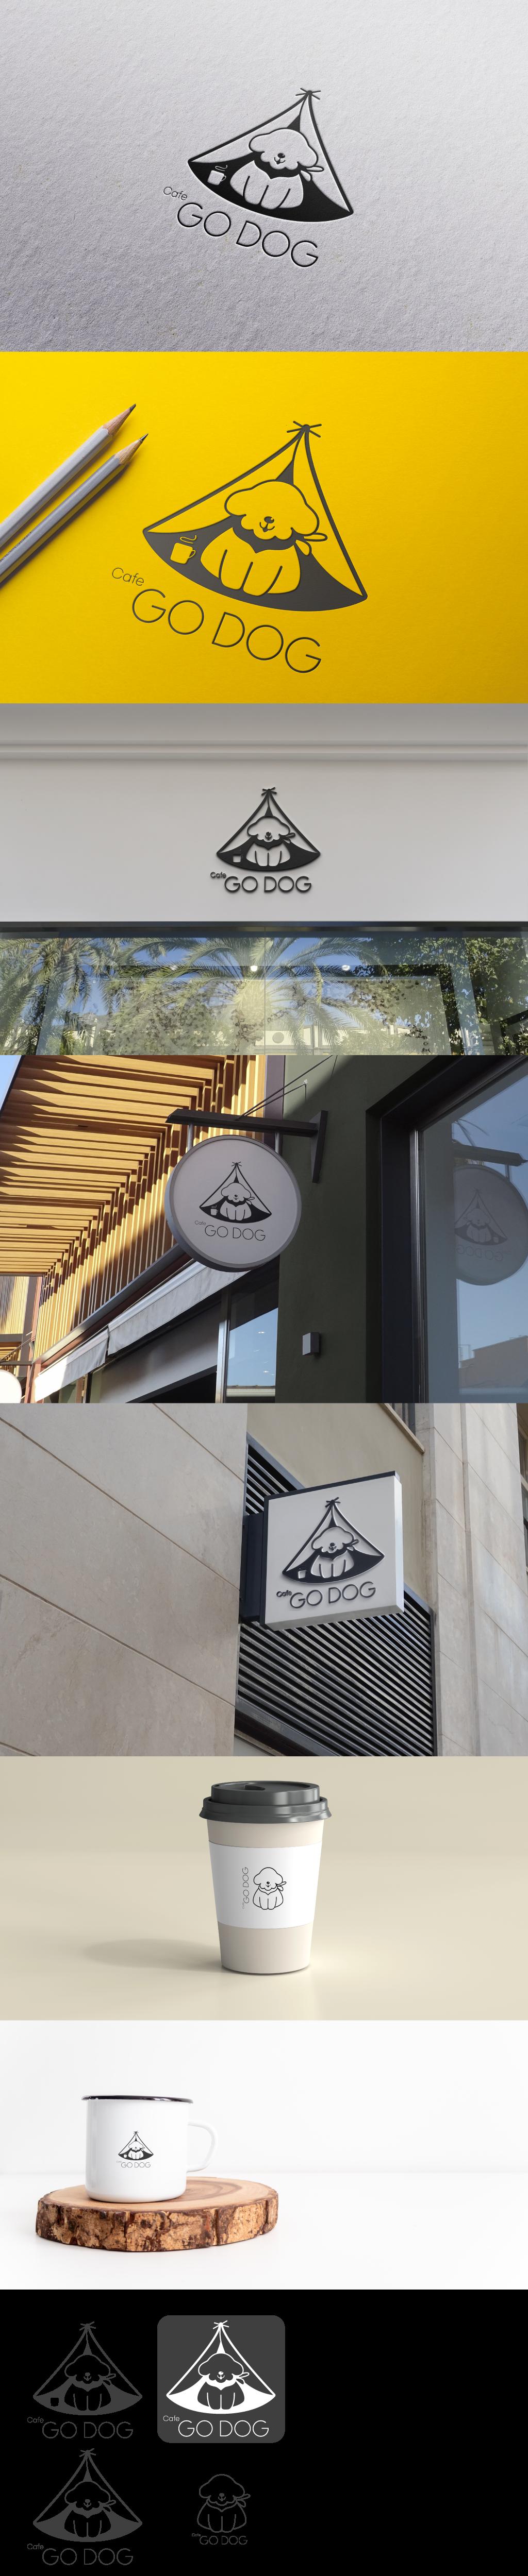 로고+간판 디자인 | 애견카페 로고 및 간판 디자인 의뢰 | 라우드소싱 포트폴리오